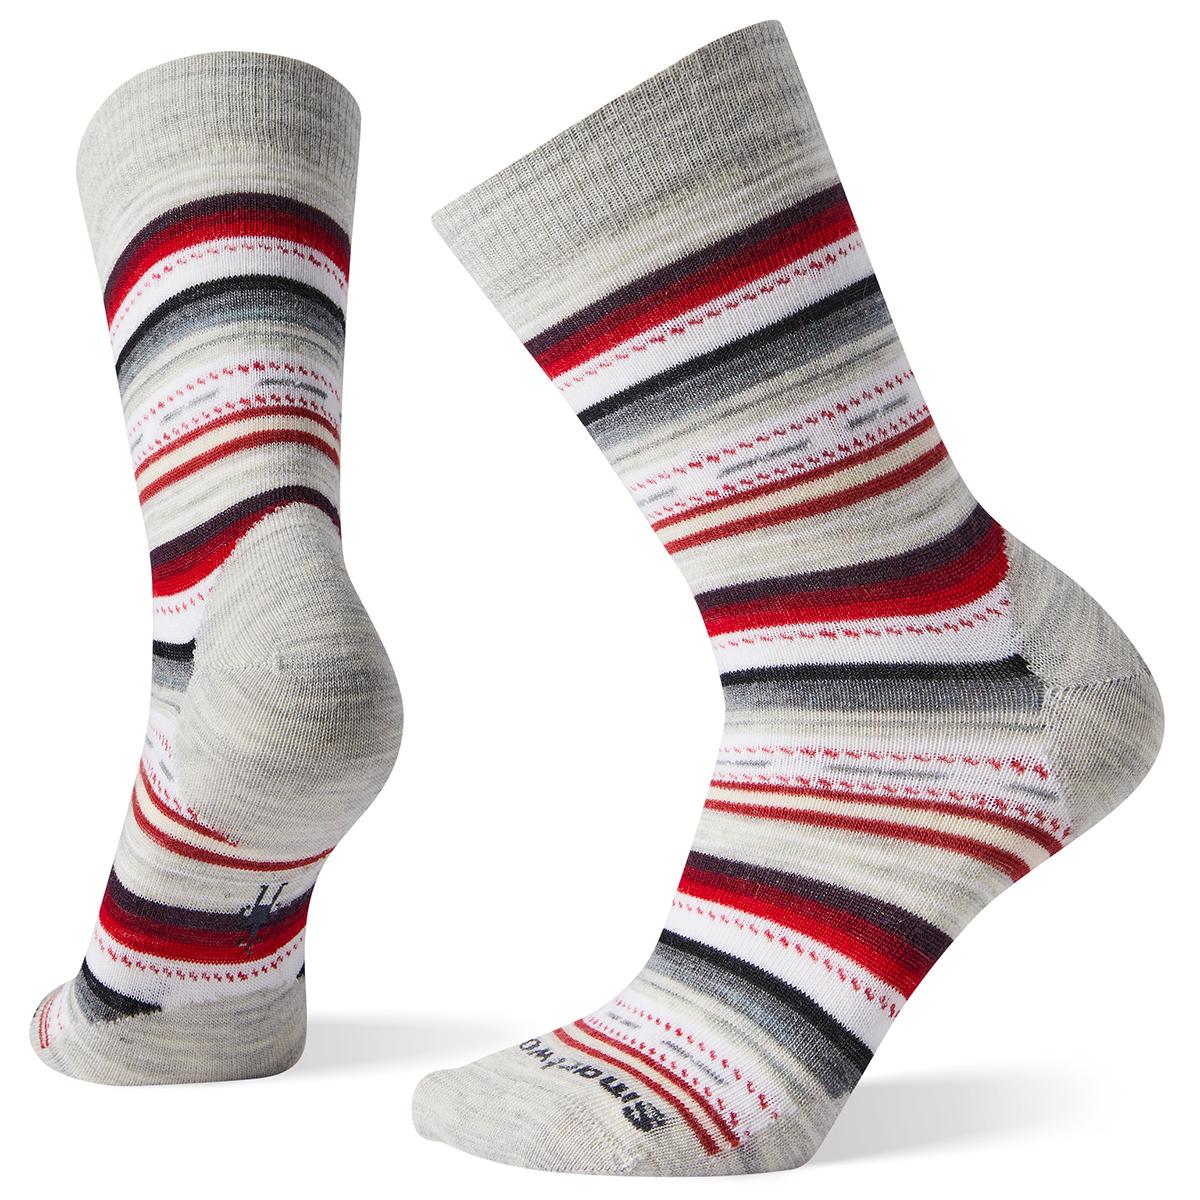 Smartwool Women's Margarita Socks - Black, S